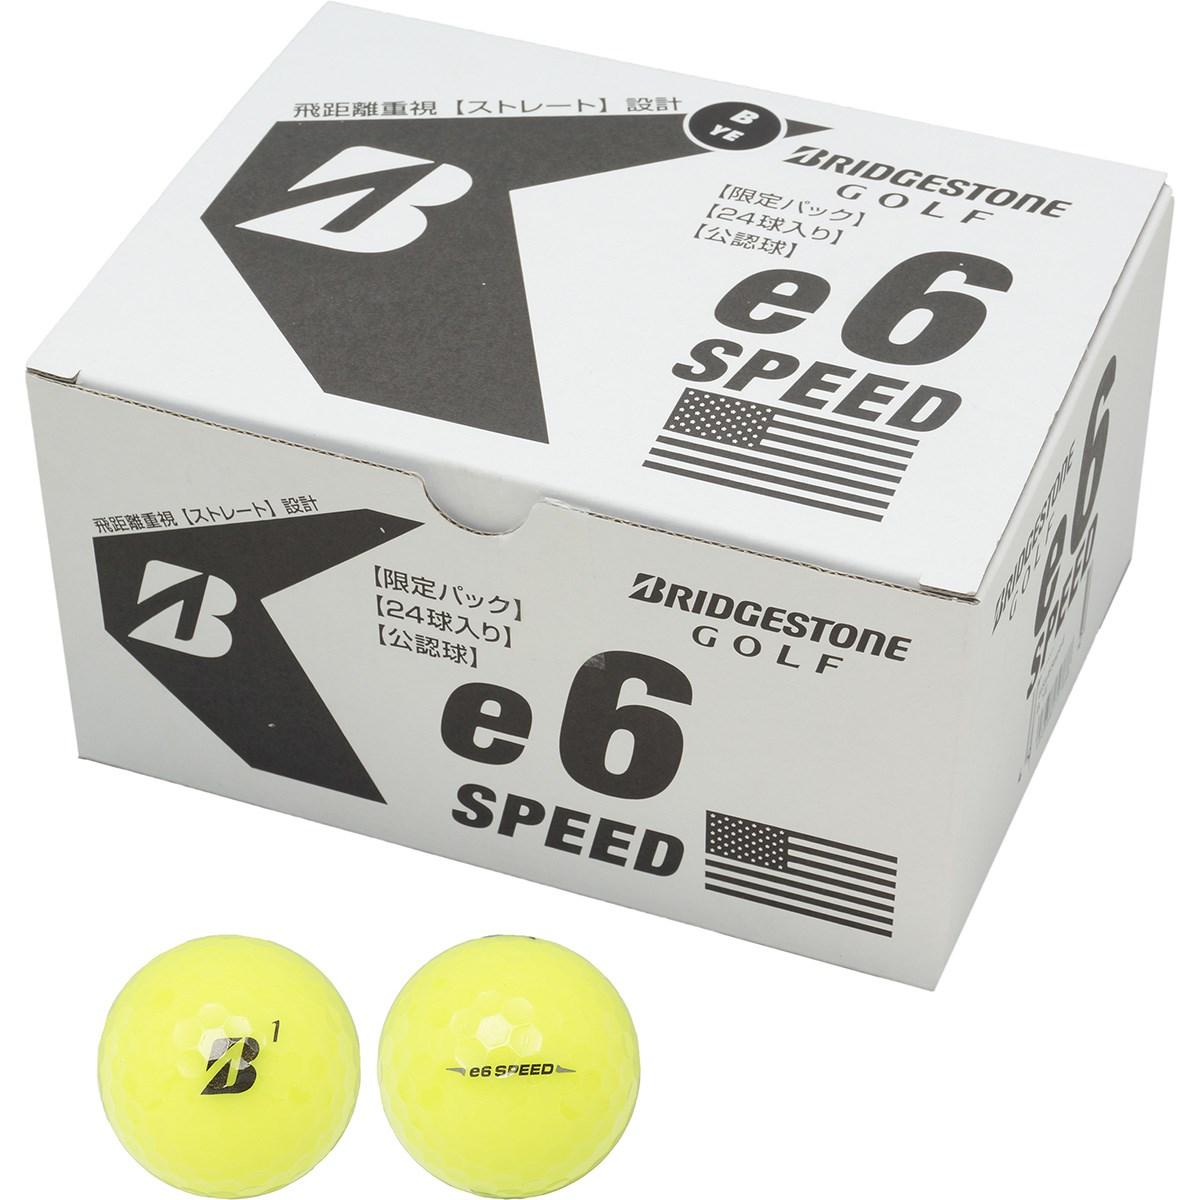 ブリヂストン BRIDGESTONE e6 SPEED ボール 2ダースセット 2ダース(24個入り) イエロー(ロゴ:B)